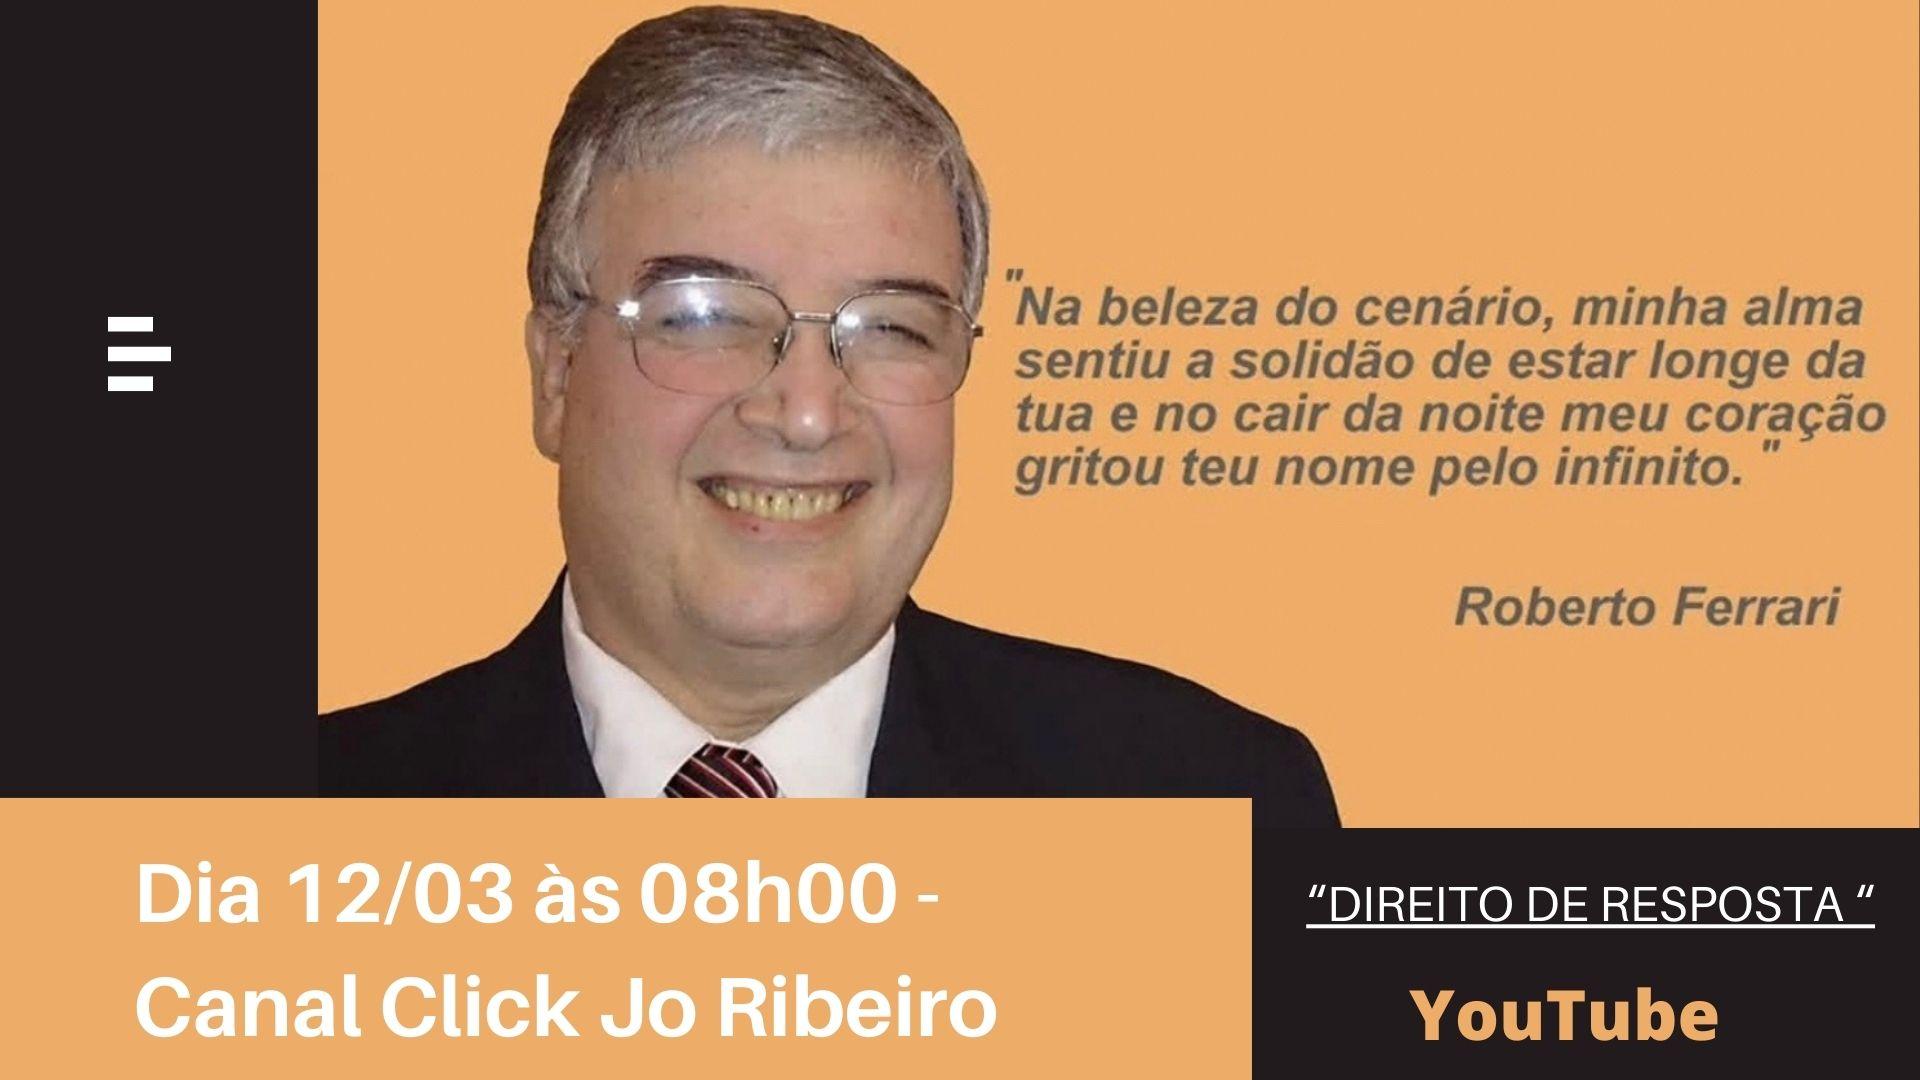 Roberto Ferrari responde no Canal Click Jo Ribeiro amanhã dia 12/03